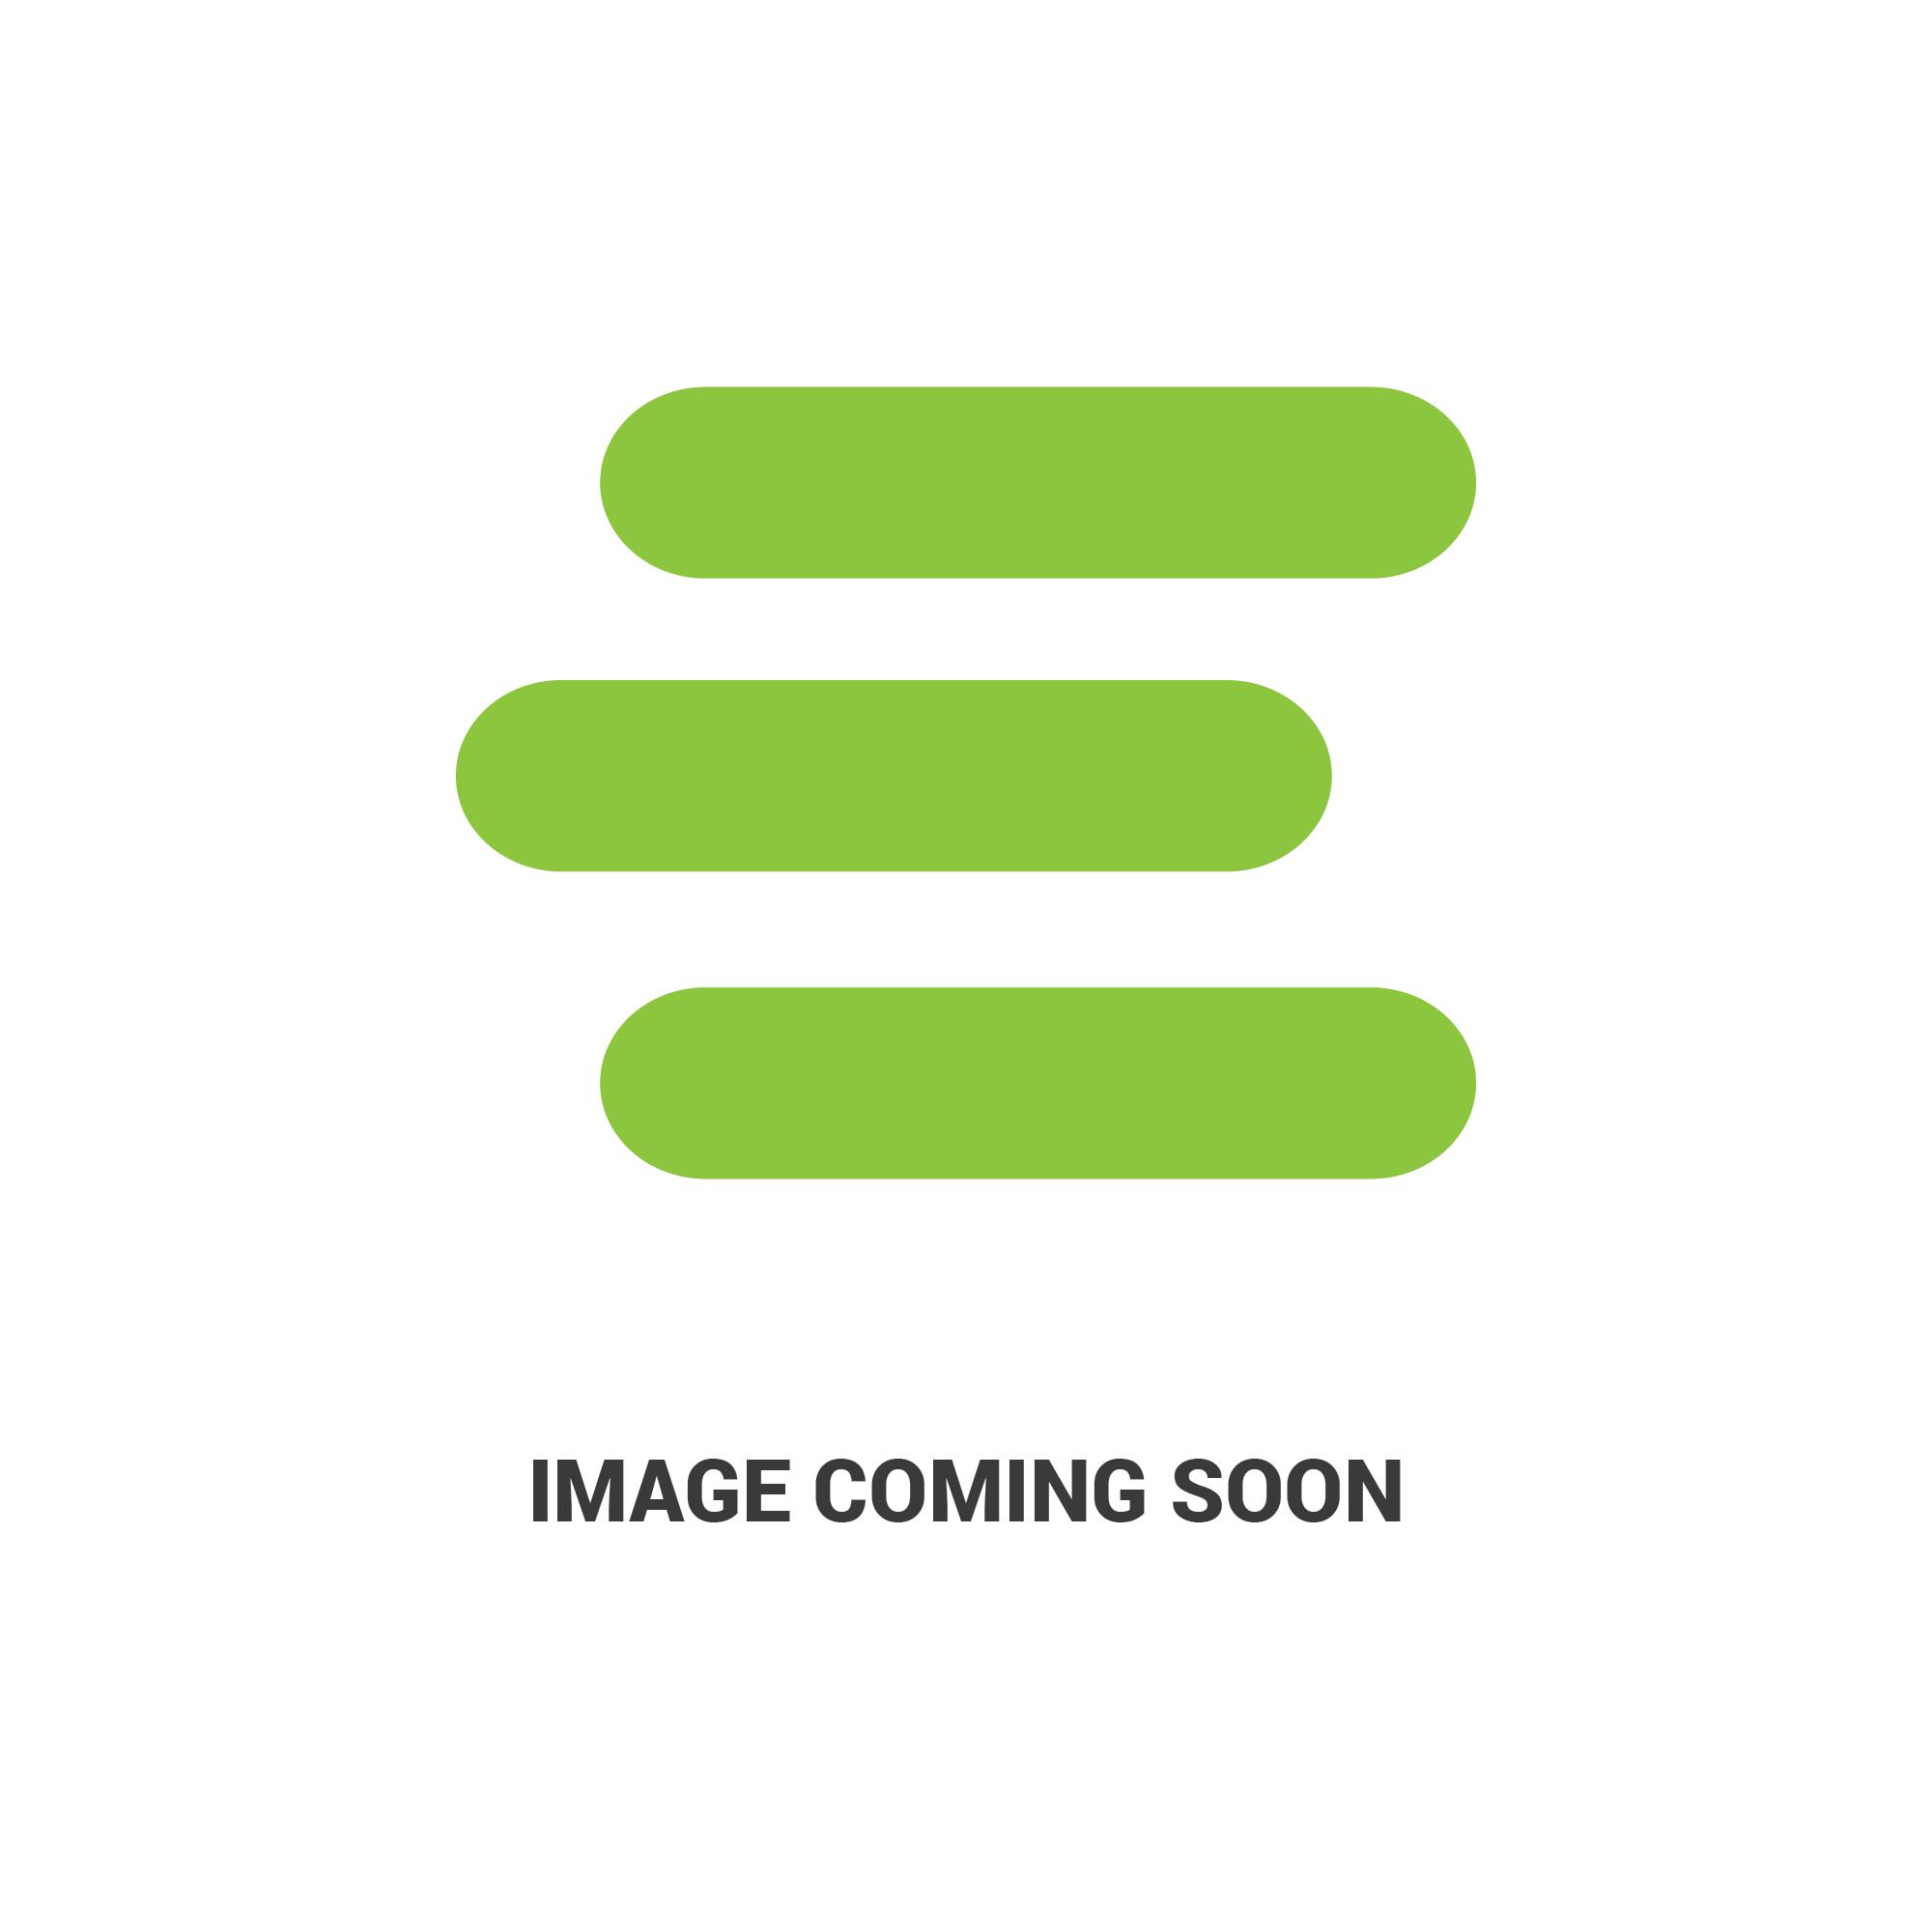 E-3C091-41680edit 1.jpg